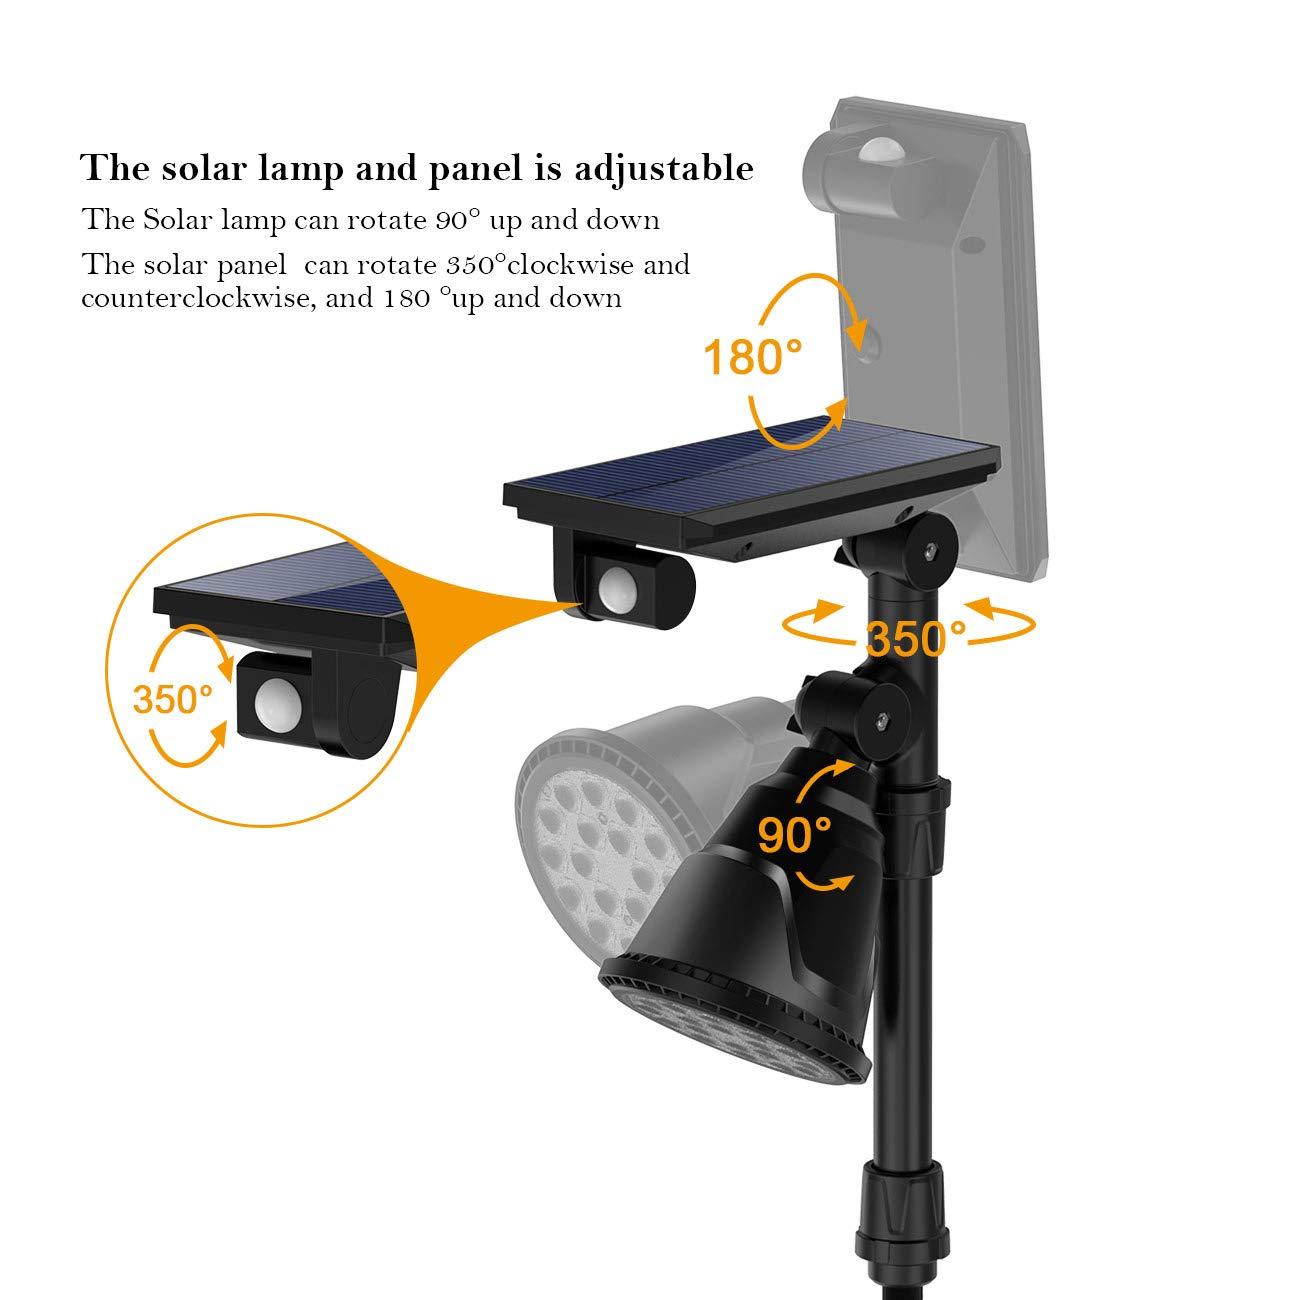 ERAY Luz Solar Exterior, 2 En 1 Foco Solar 18 Leds 600 Lúmenes, 4 Modos Ajustables, IP65 Impermeable, Luz de Seguridad con Sensor de Movimiento para Jardín, ...